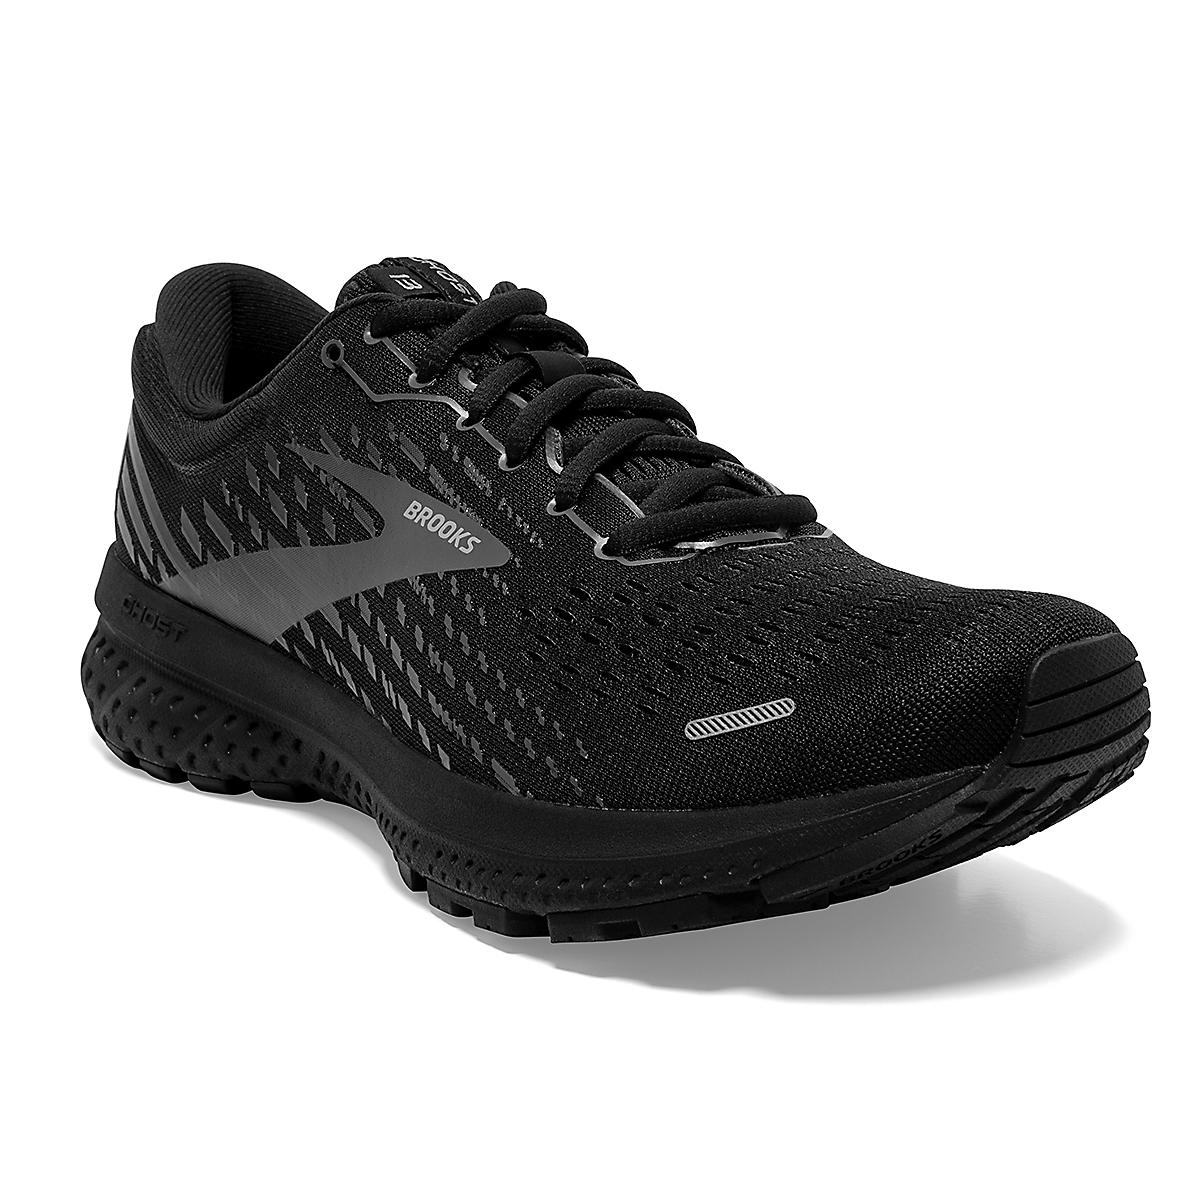 Women's Brooks Ghost 13 Running Shoe - Color: Black/Black - Size: 5 - Width: Regular, Black/Black, large, image 5